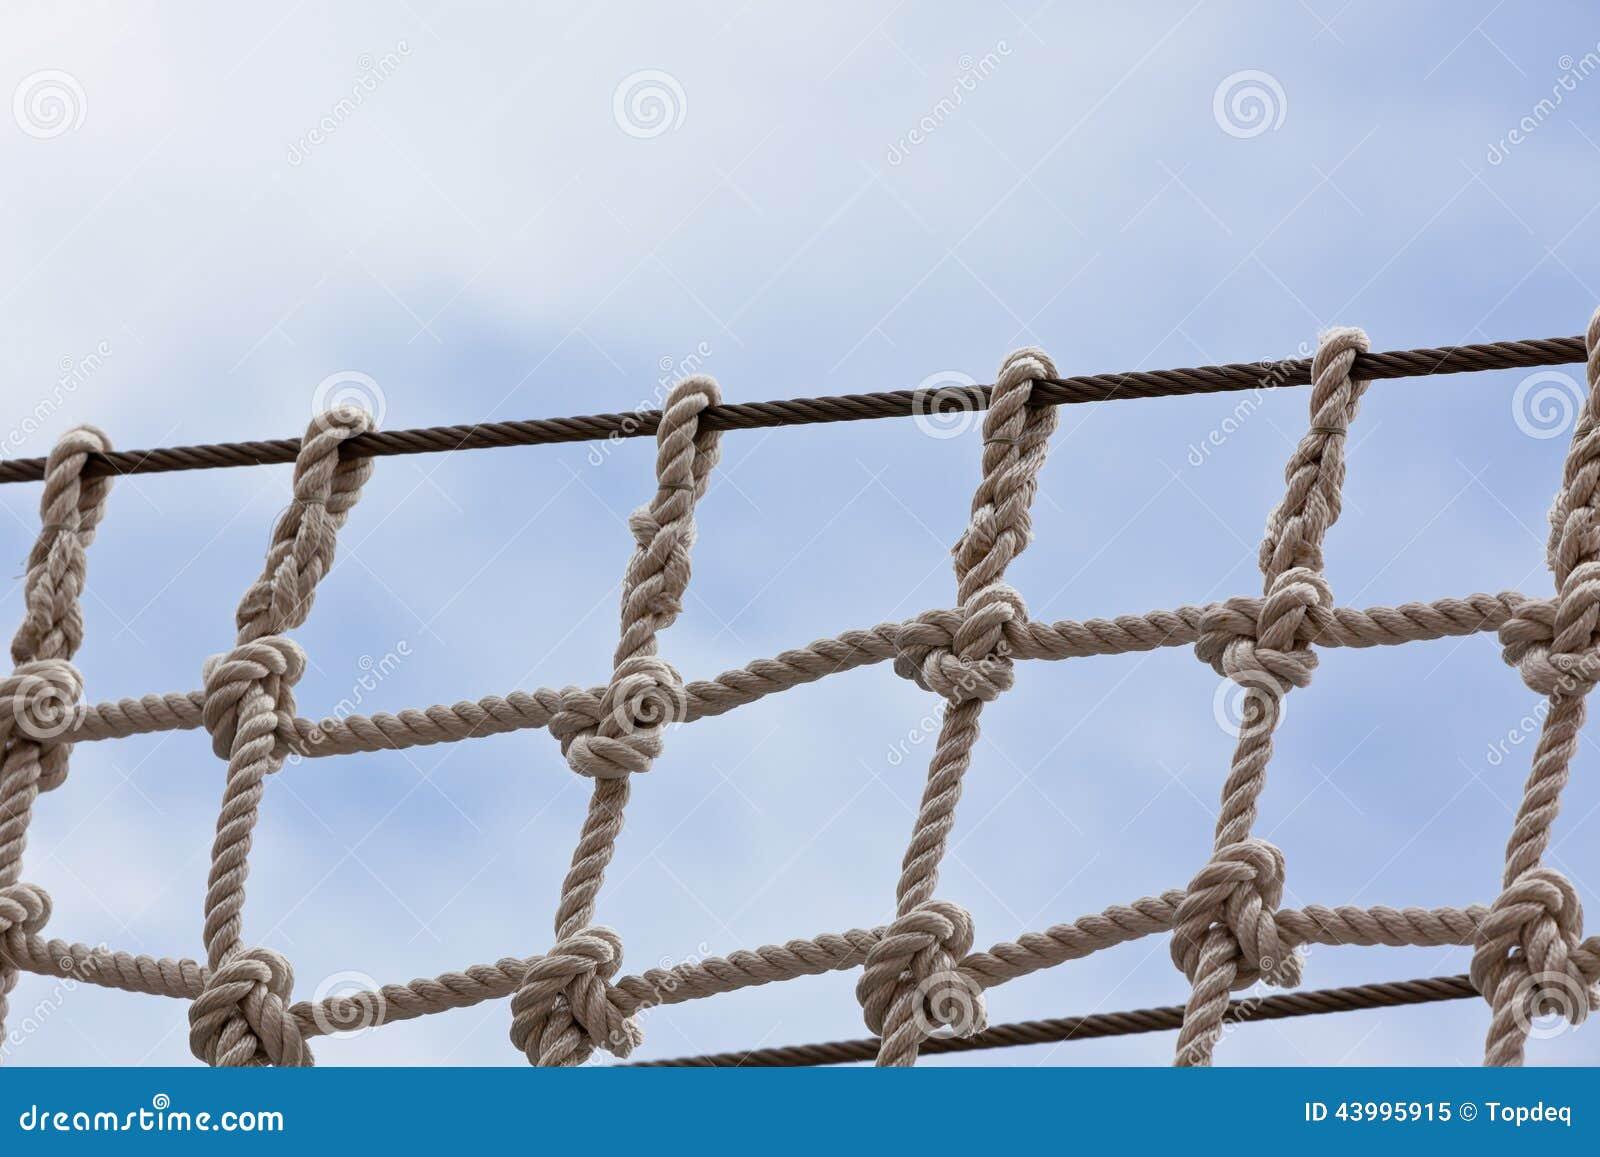 Yacht Safety Net Close Up